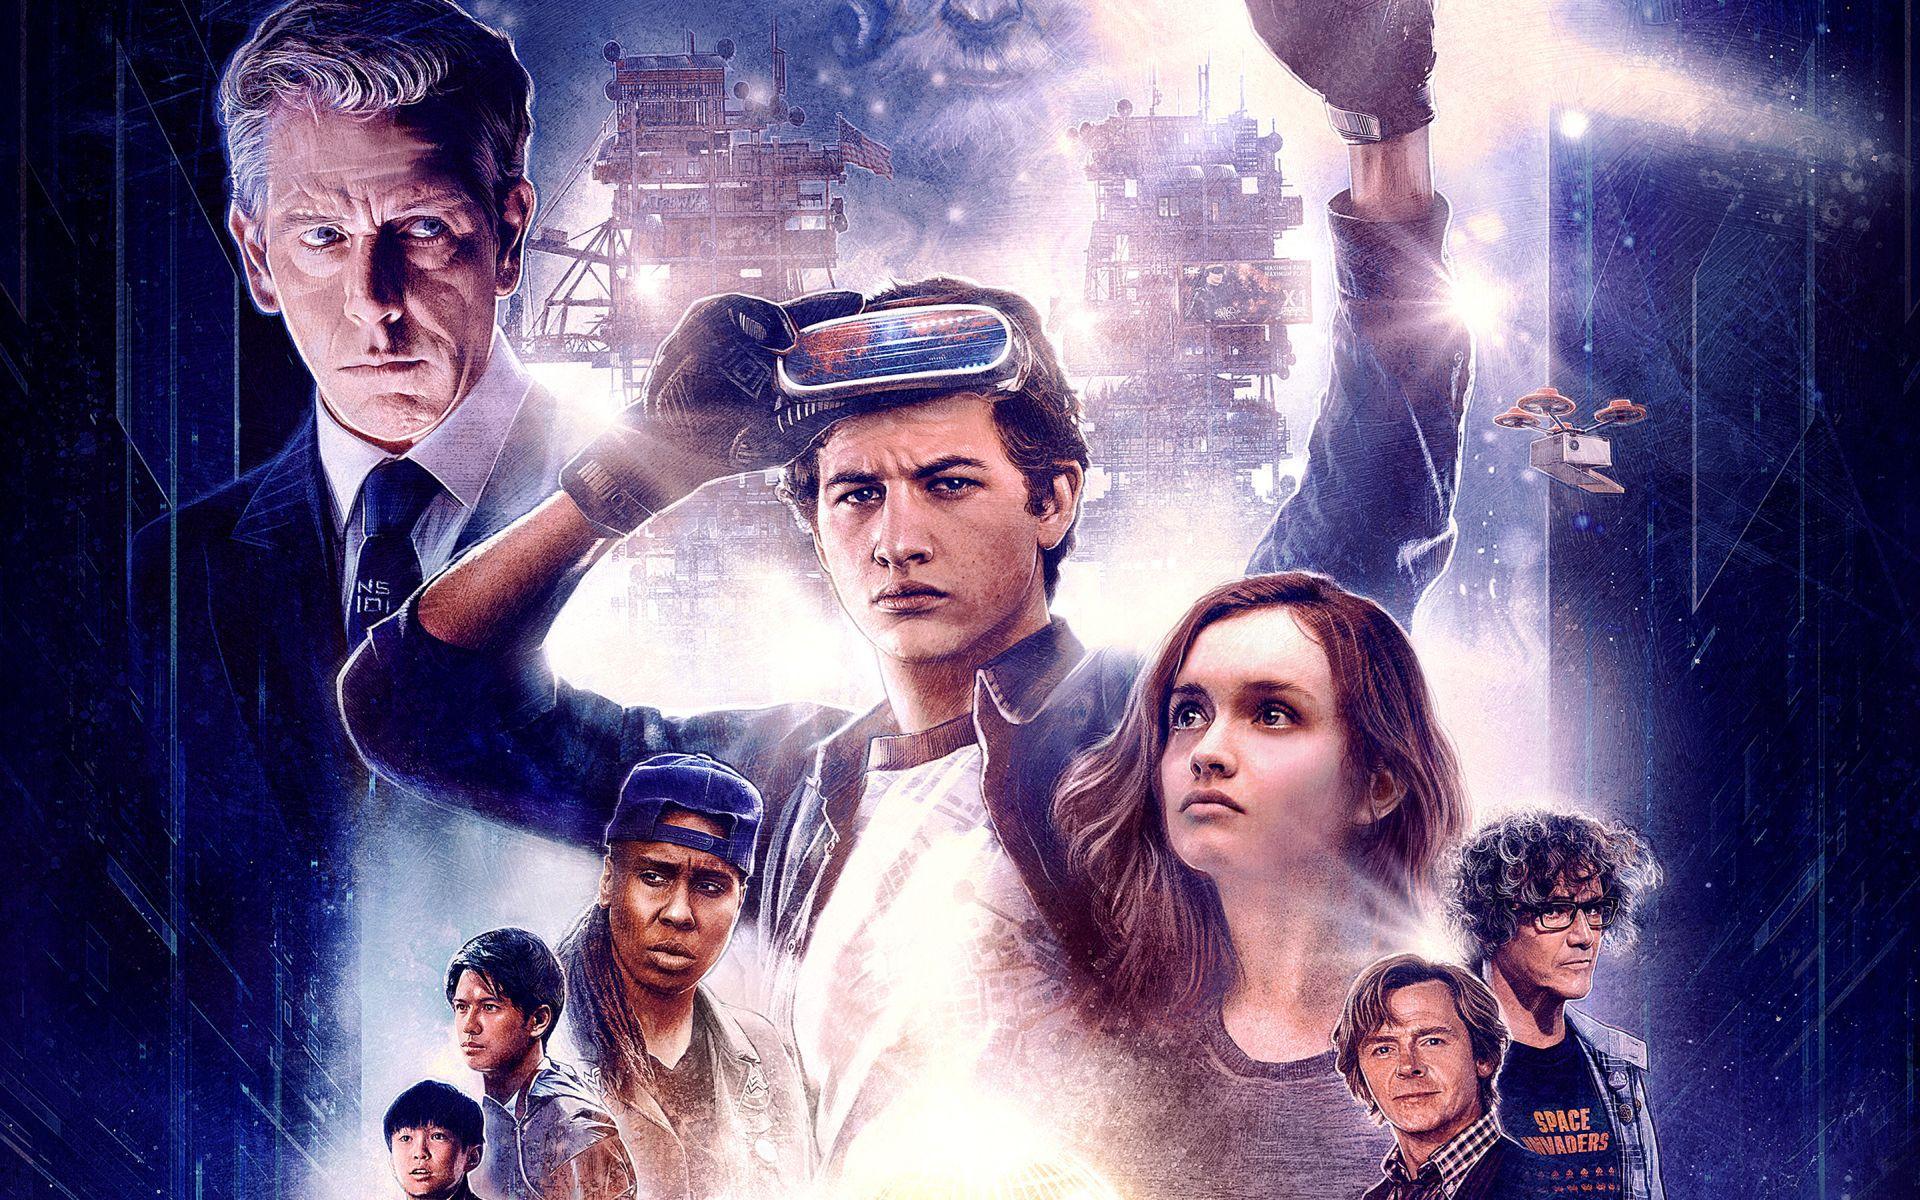 I Migliori Film In Blu Ray In Uscita A Settembre 2018